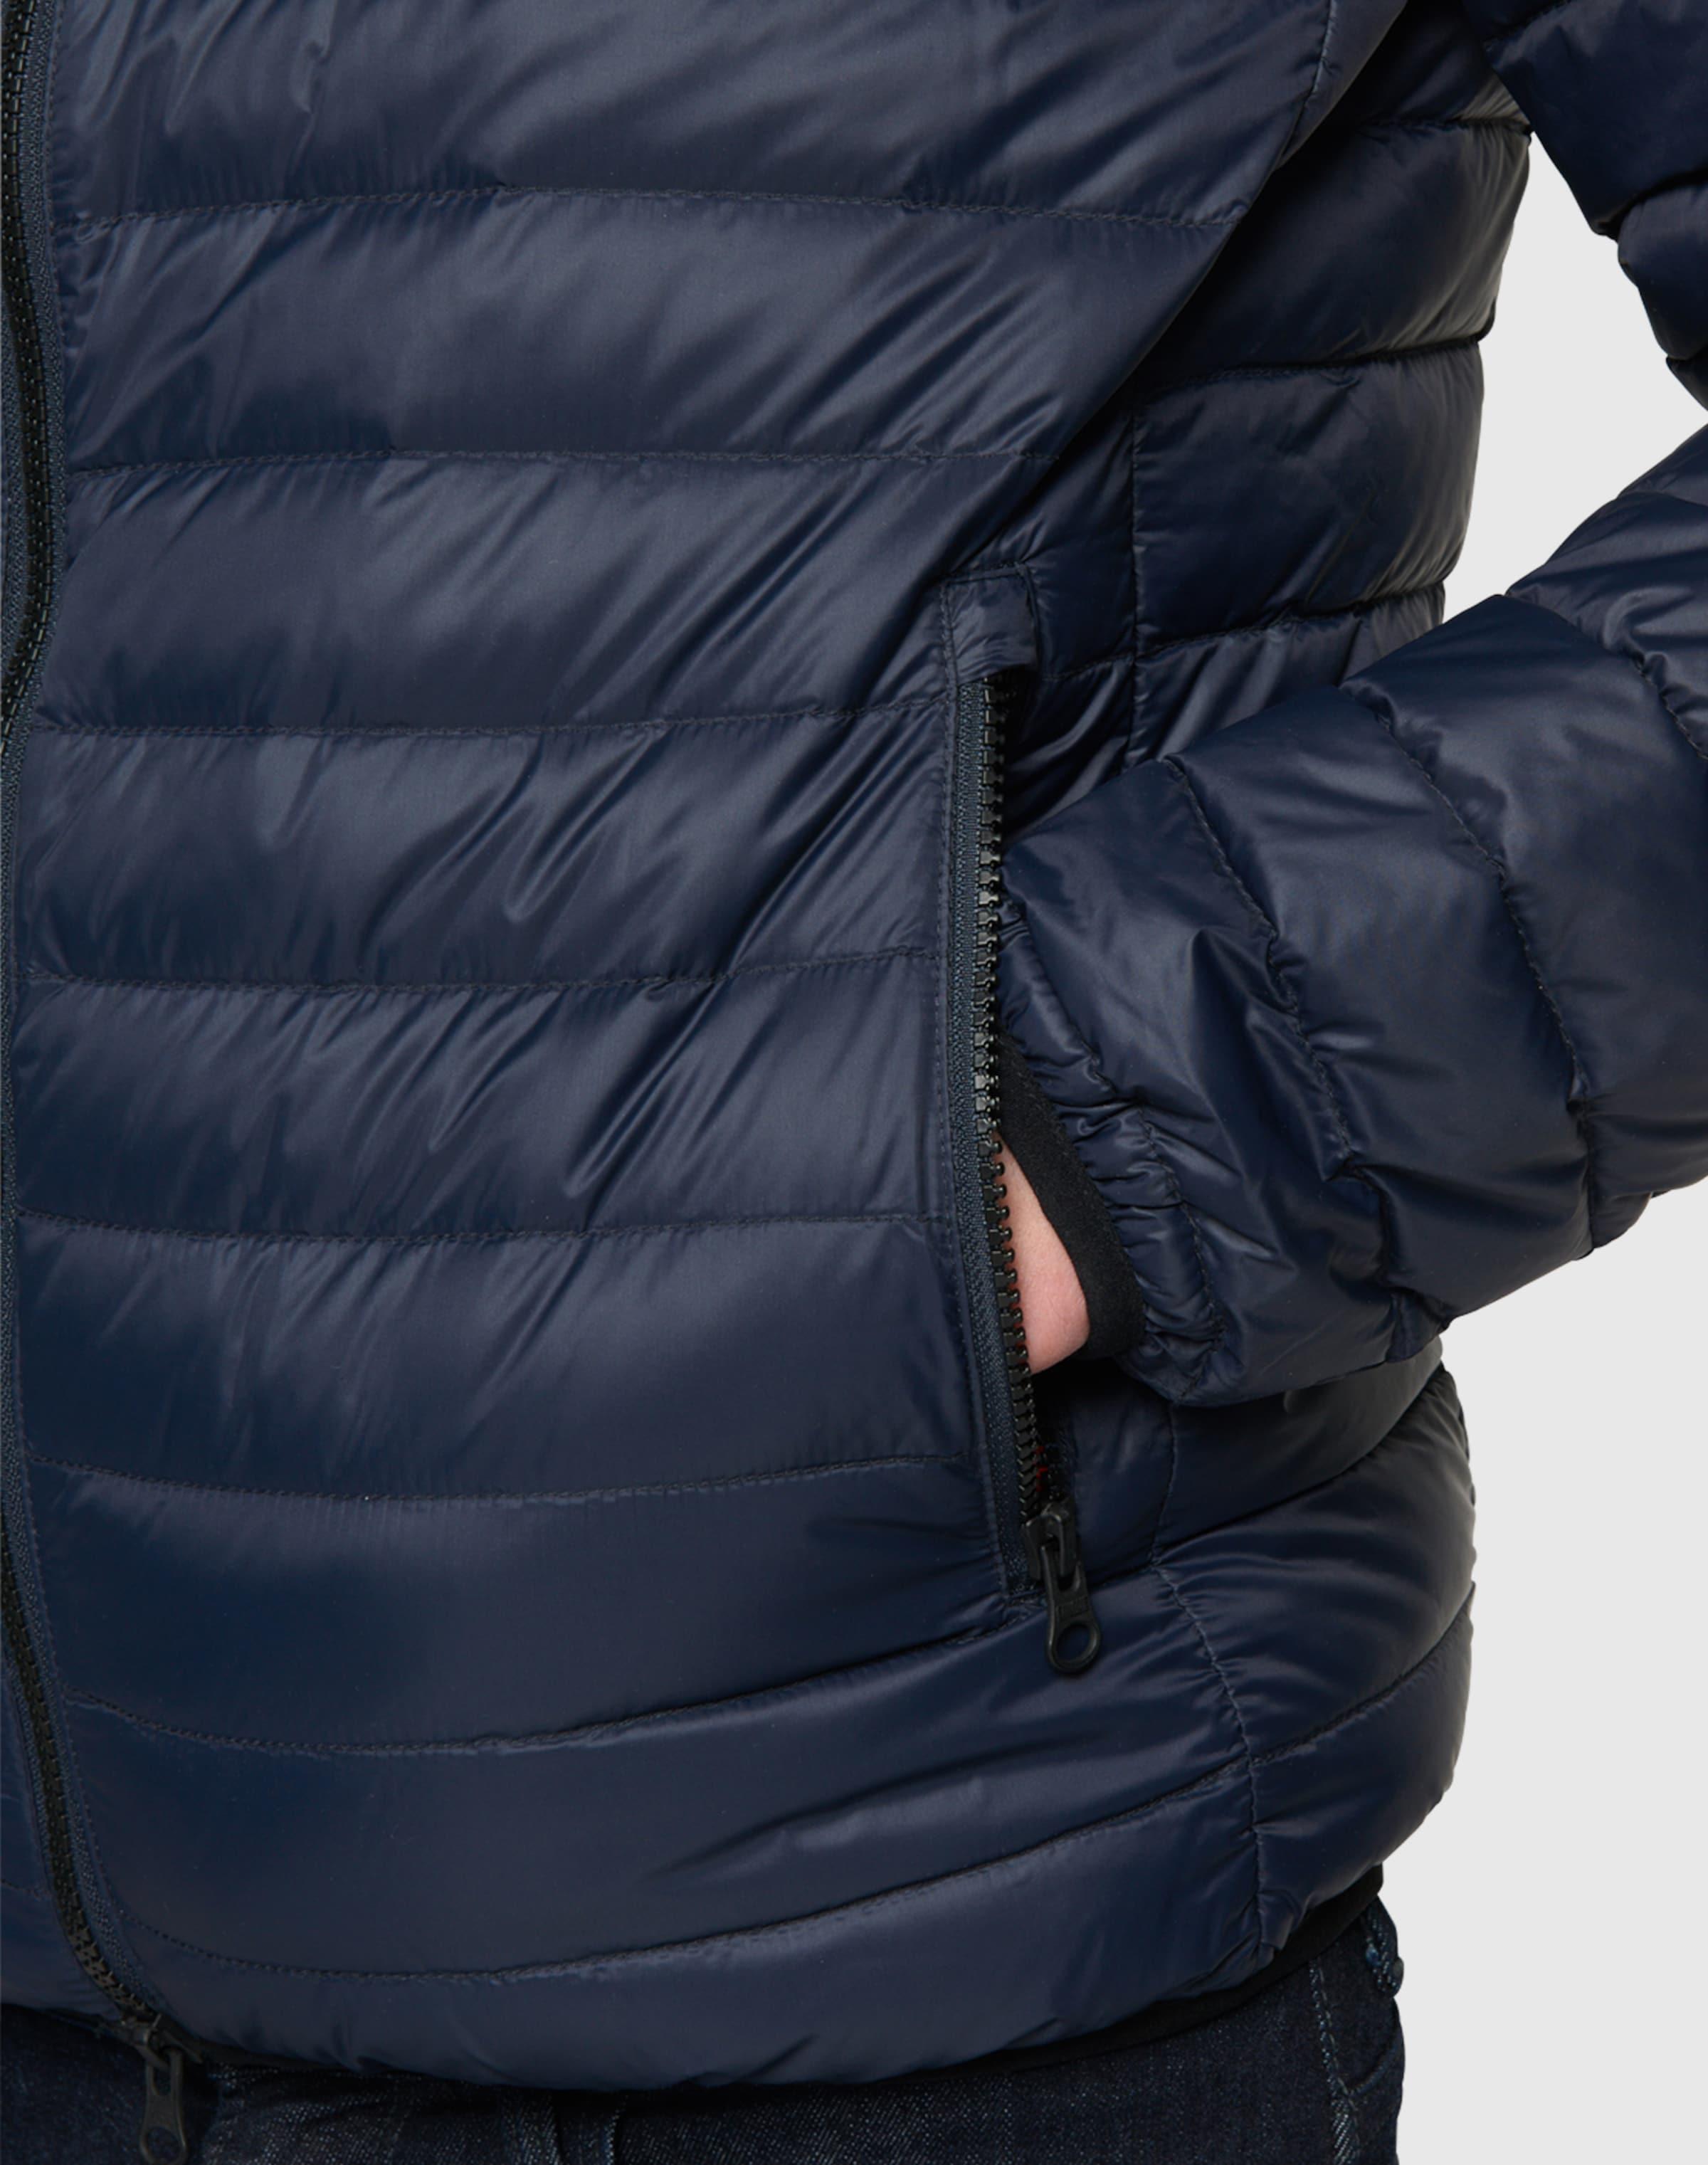 Bilder Im Internet CINQUE Daunenjacke 'Cirace' Günstig Kaufen 2018 Billige Eastbay Billig Verkauf Geniue Händler y29MykeZ45